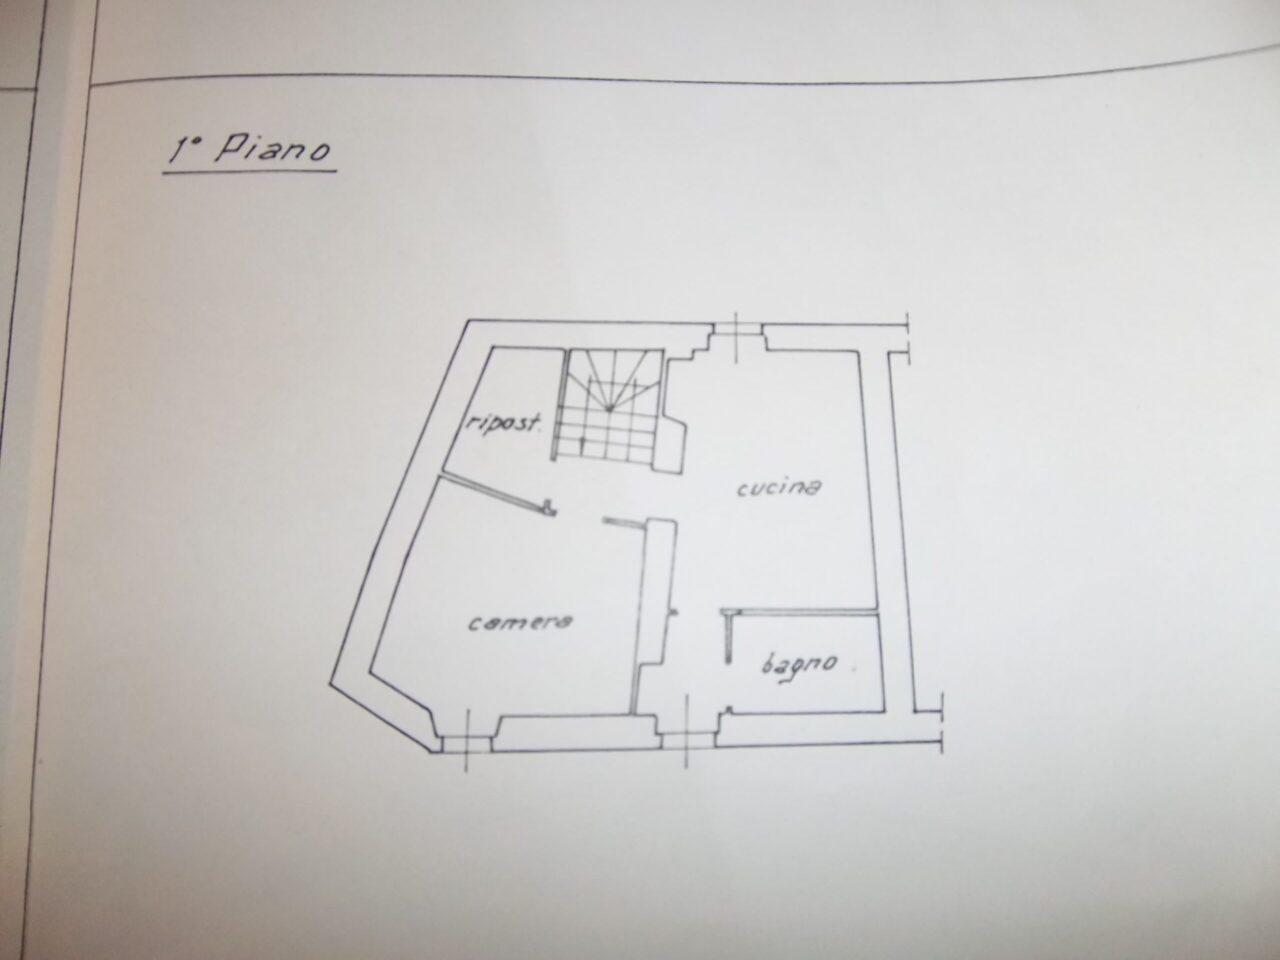 planimetria VRI 2273 BA 7